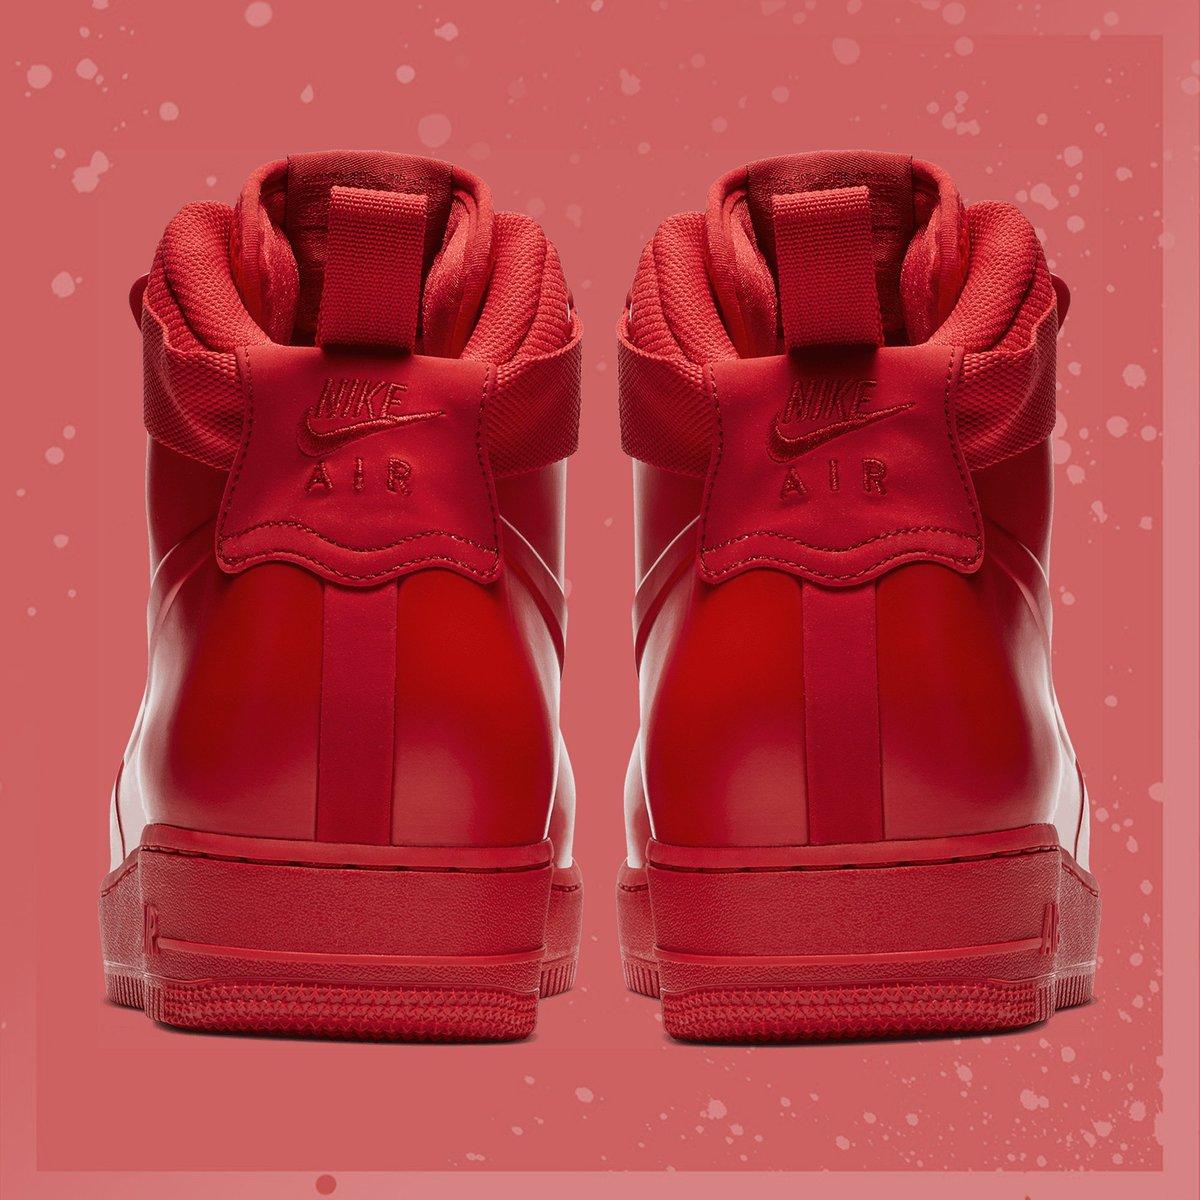 6a555800e44c GB S Sneaker Shop on Twitter